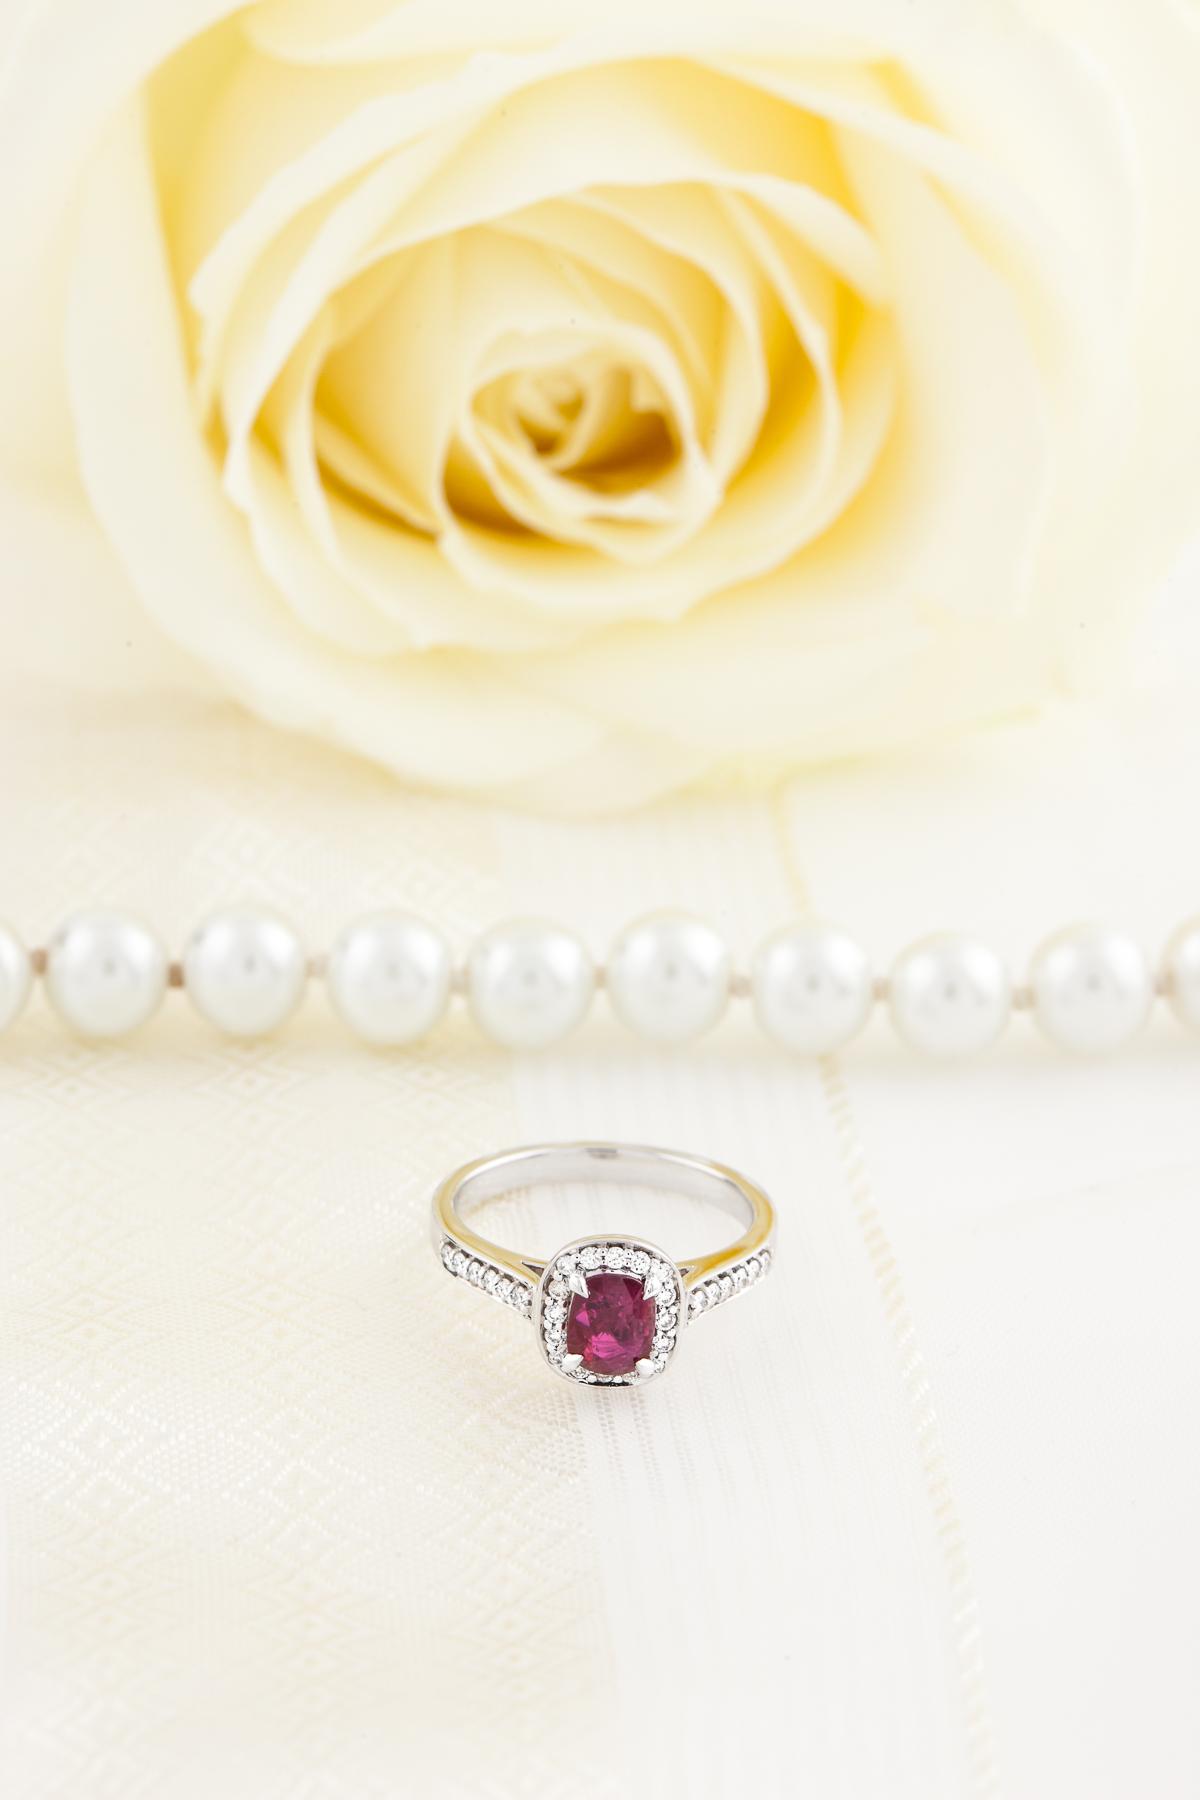 RDR743W-Inel cu Rubin si Diamant Dama Aur Alb 18kt cu un Rubin Cushion Cut si Diamante Rotund Briliant Imprejur si pe Margini-img1